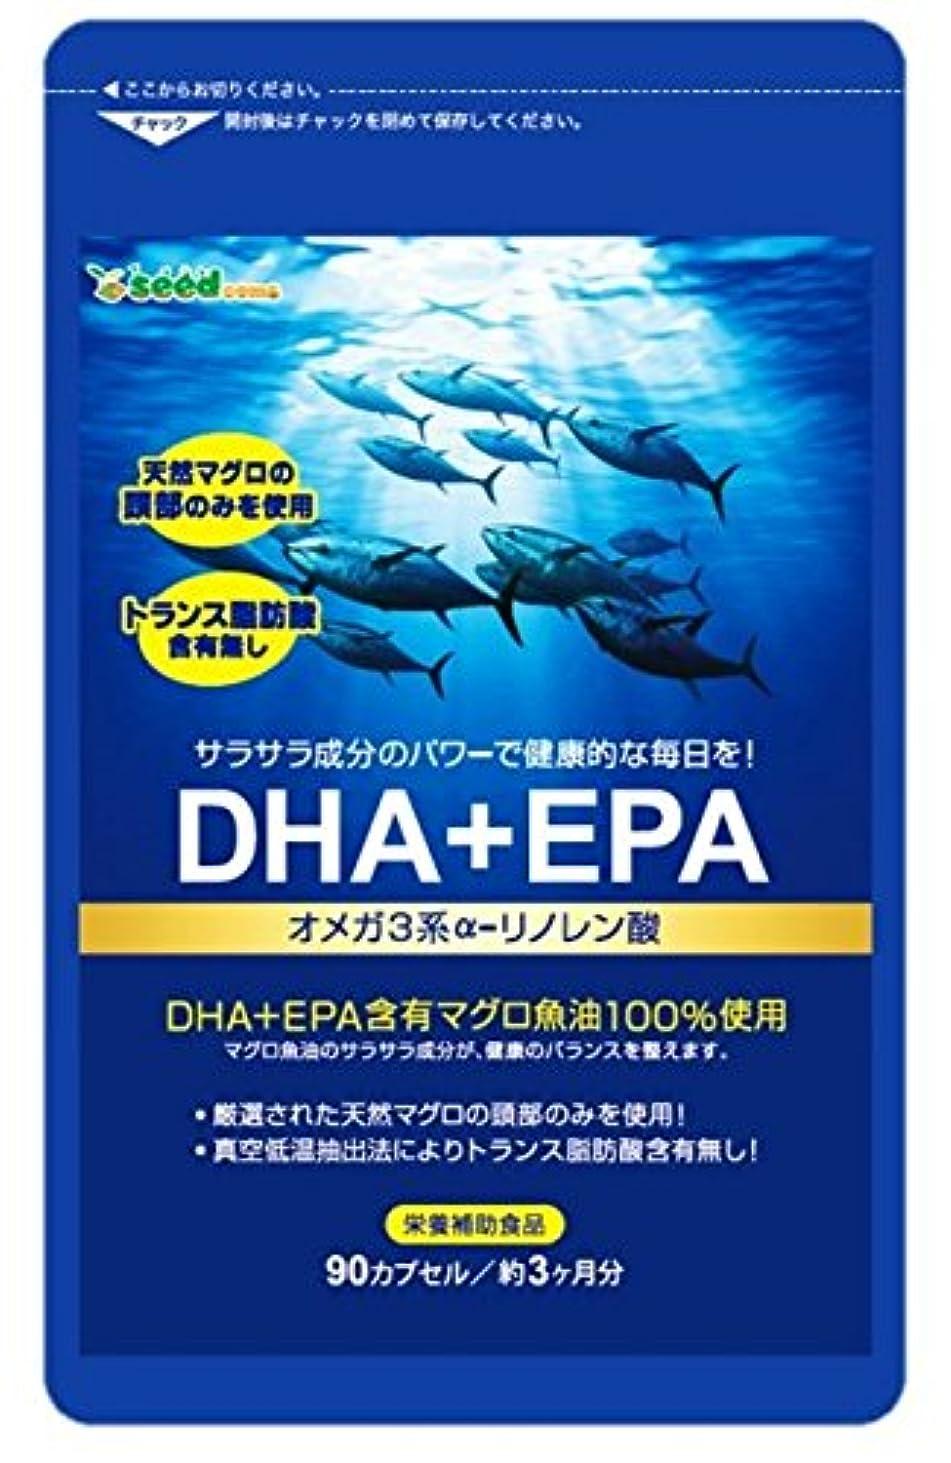 パプアニューギニア博物館尾【 seedcoms シードコムス 公式 】DHA + EPA 約3ヶ月分/90粒 (オメガ系 α-リノレン酸) ビンチョウマグロの頭部のみを贅沢に使用!トランス脂肪酸 0mg